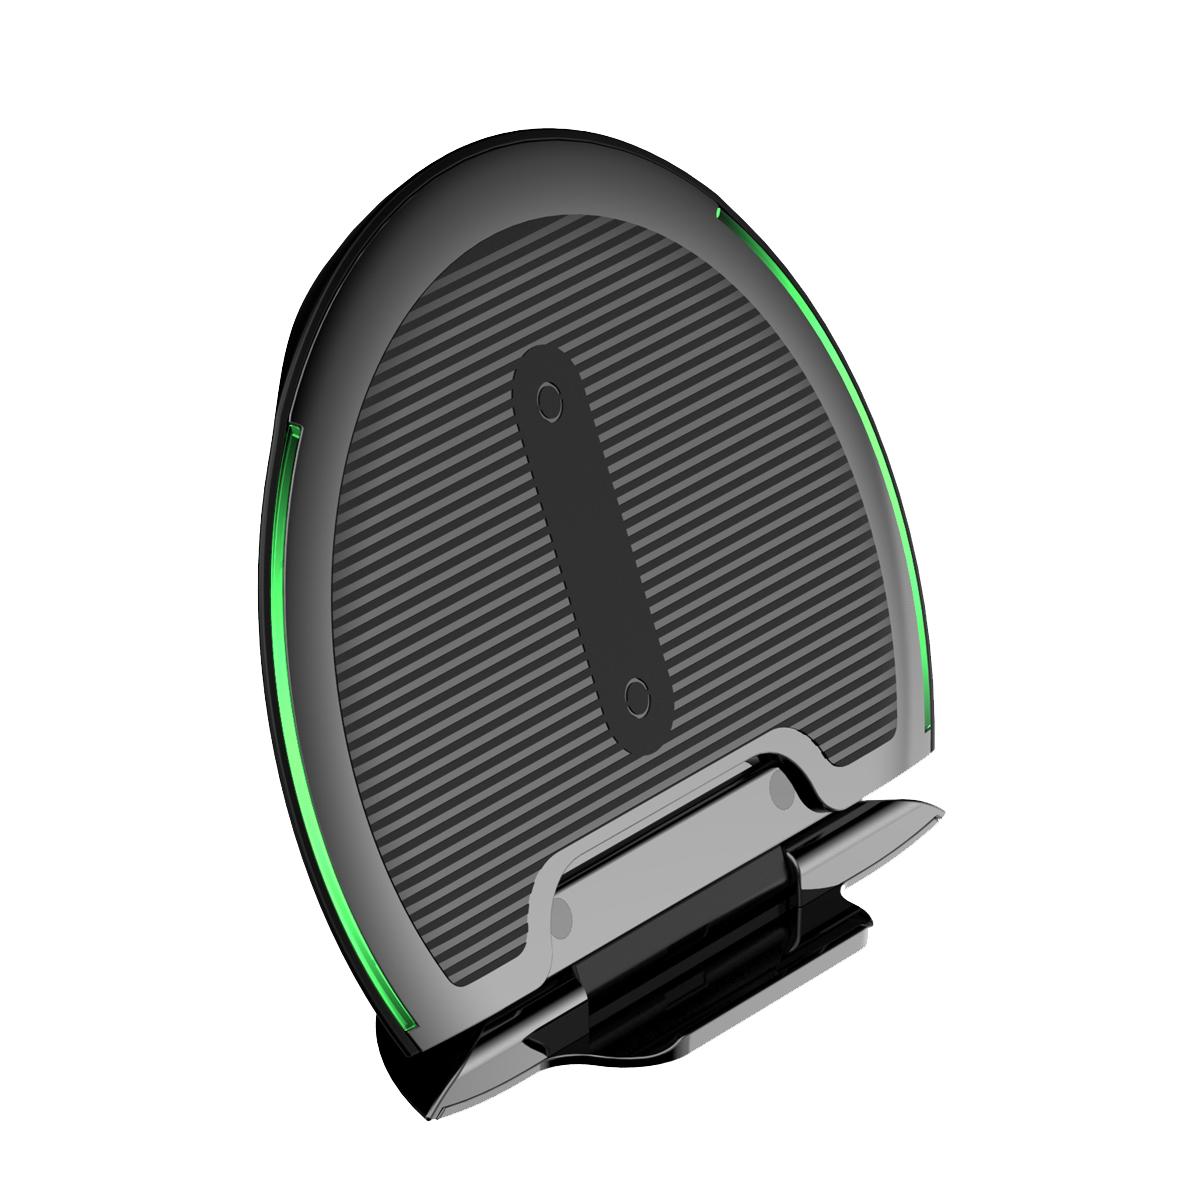 Беспроводная зарядка-подставка для телефона быстрая Baseus Foldable Multifunction Wireless Charger Black зарядка для телефона valley of yimeigu xv usb